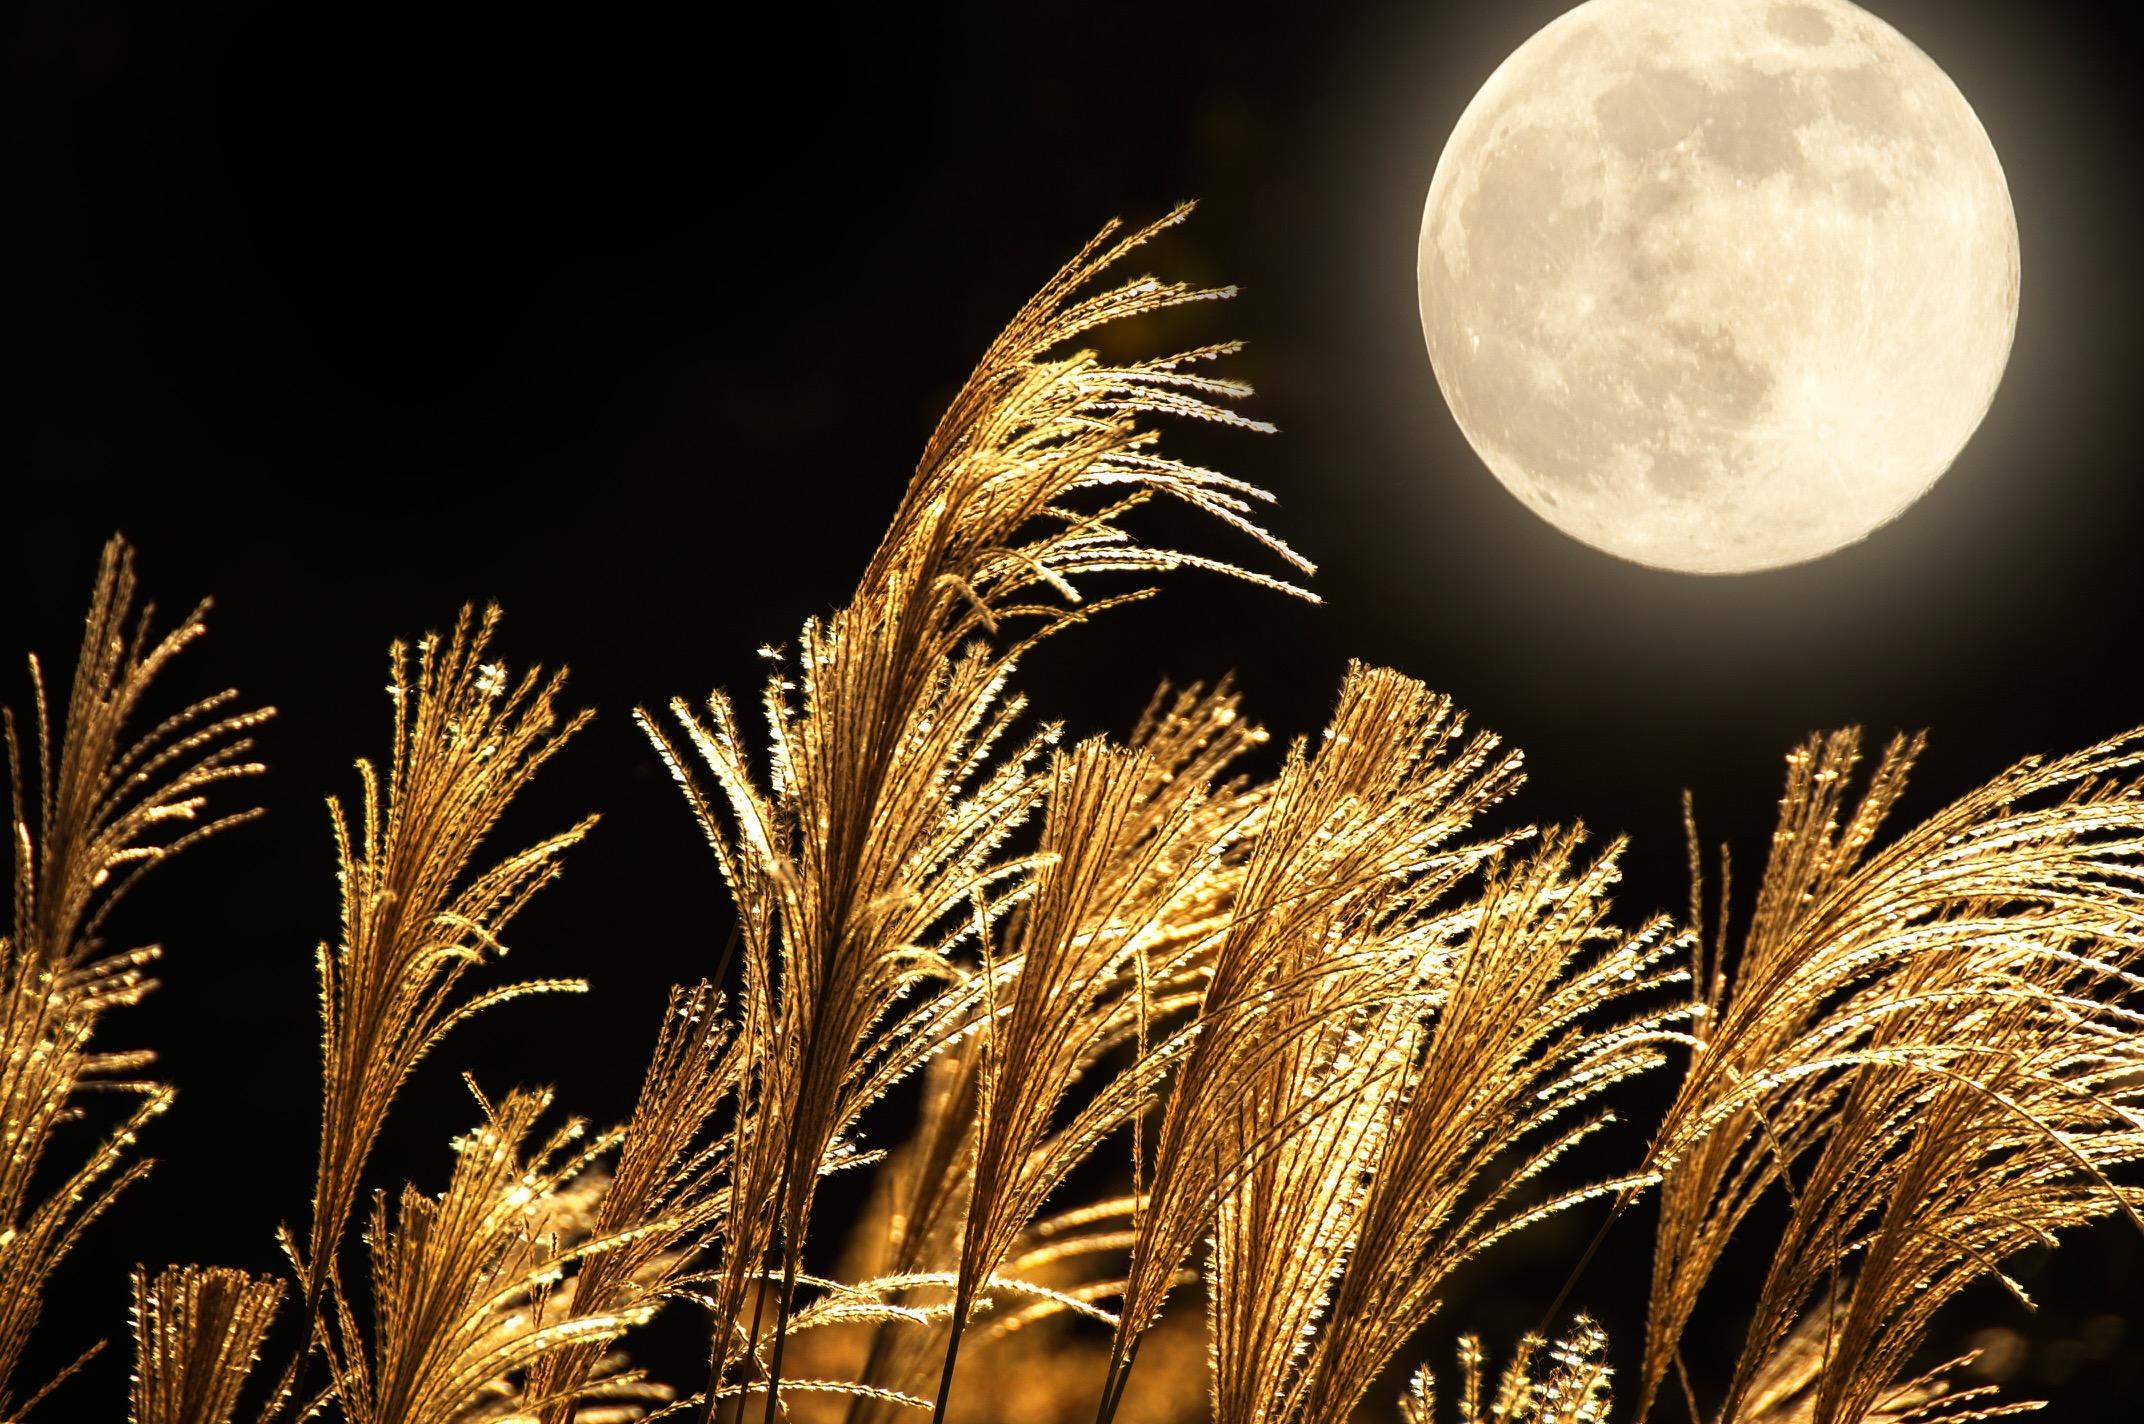 ワインを片手にお月見を楽しもう!お月見の由来やおすすめの楽しみ方をご紹介